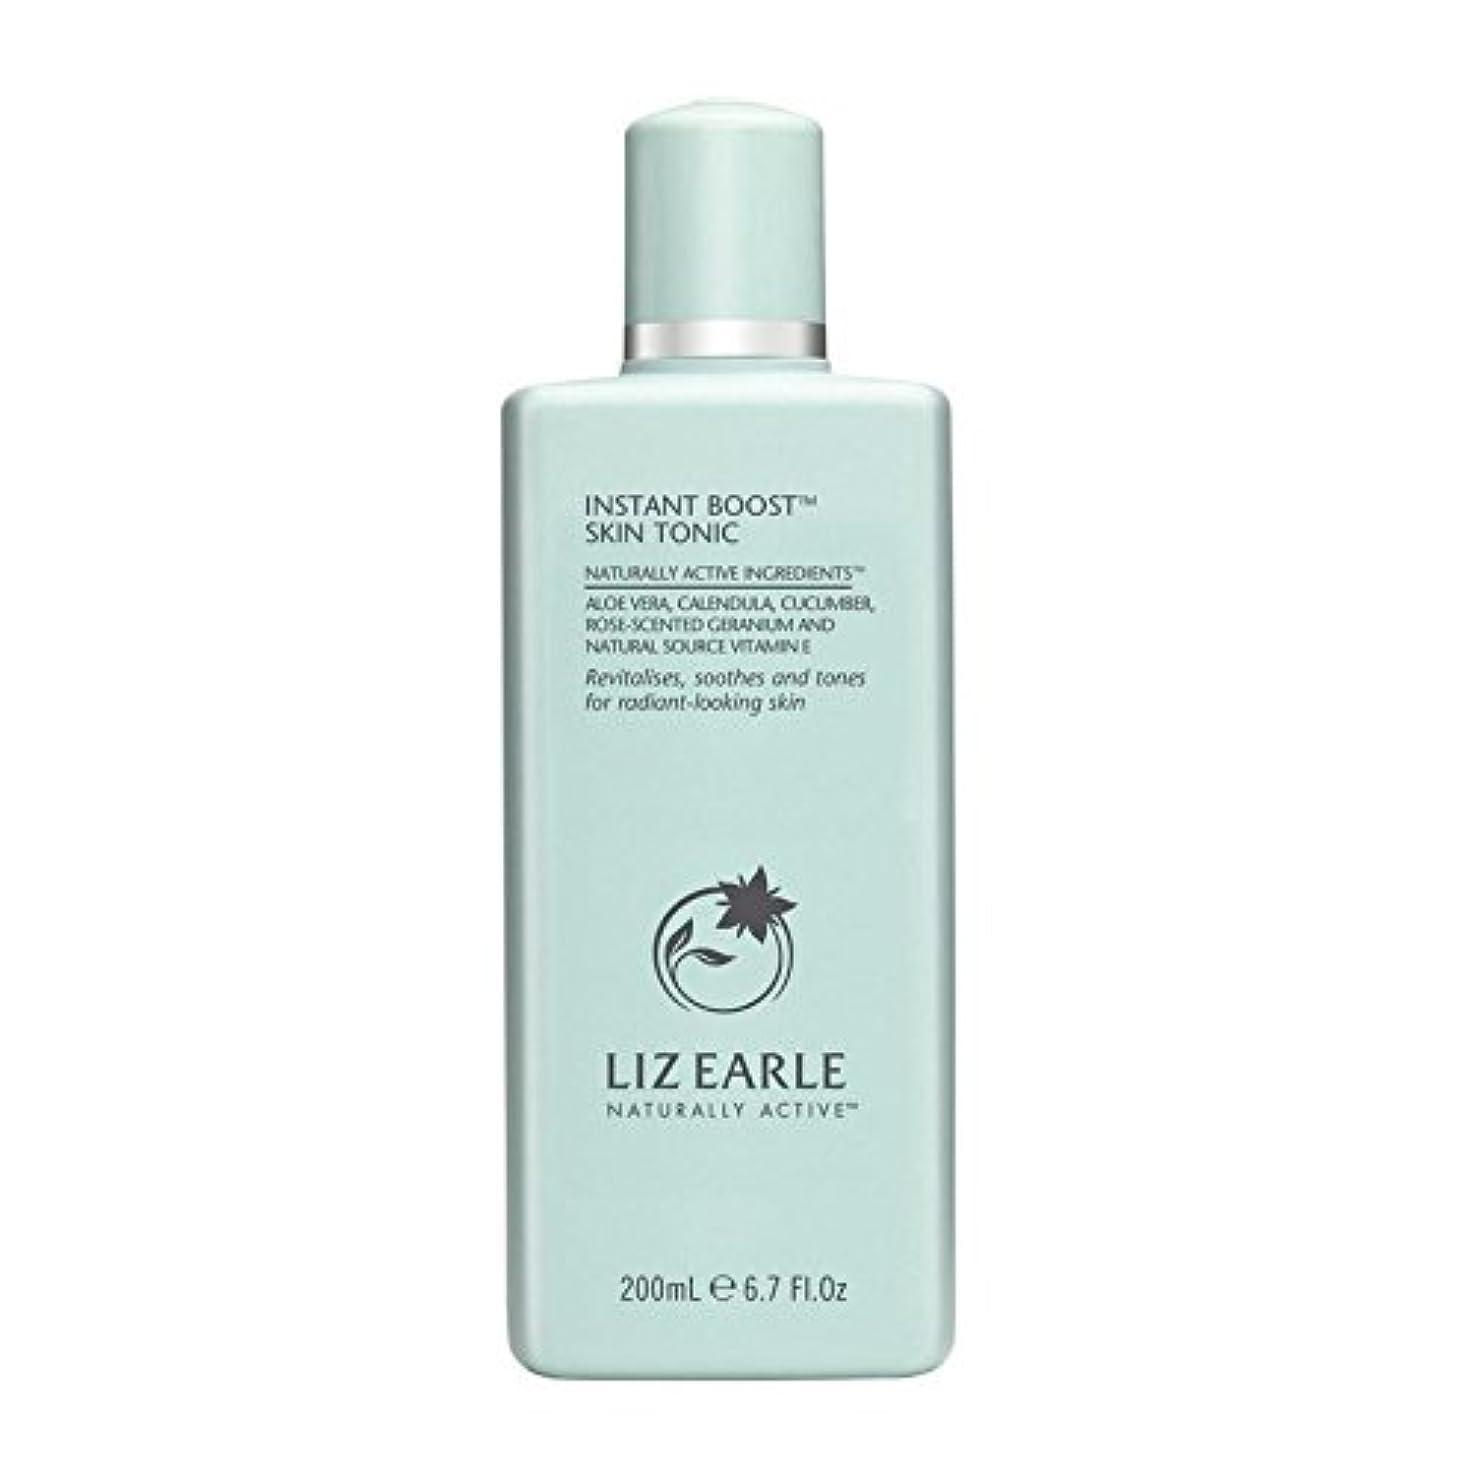 転倒柔らかいシェードLiz Earle Instant Boost Skin Tonic Bottle 200ml (Pack of 6) - リズアールインスタントブーストスキントニックボトル200ミリリットル x6 [並行輸入品]